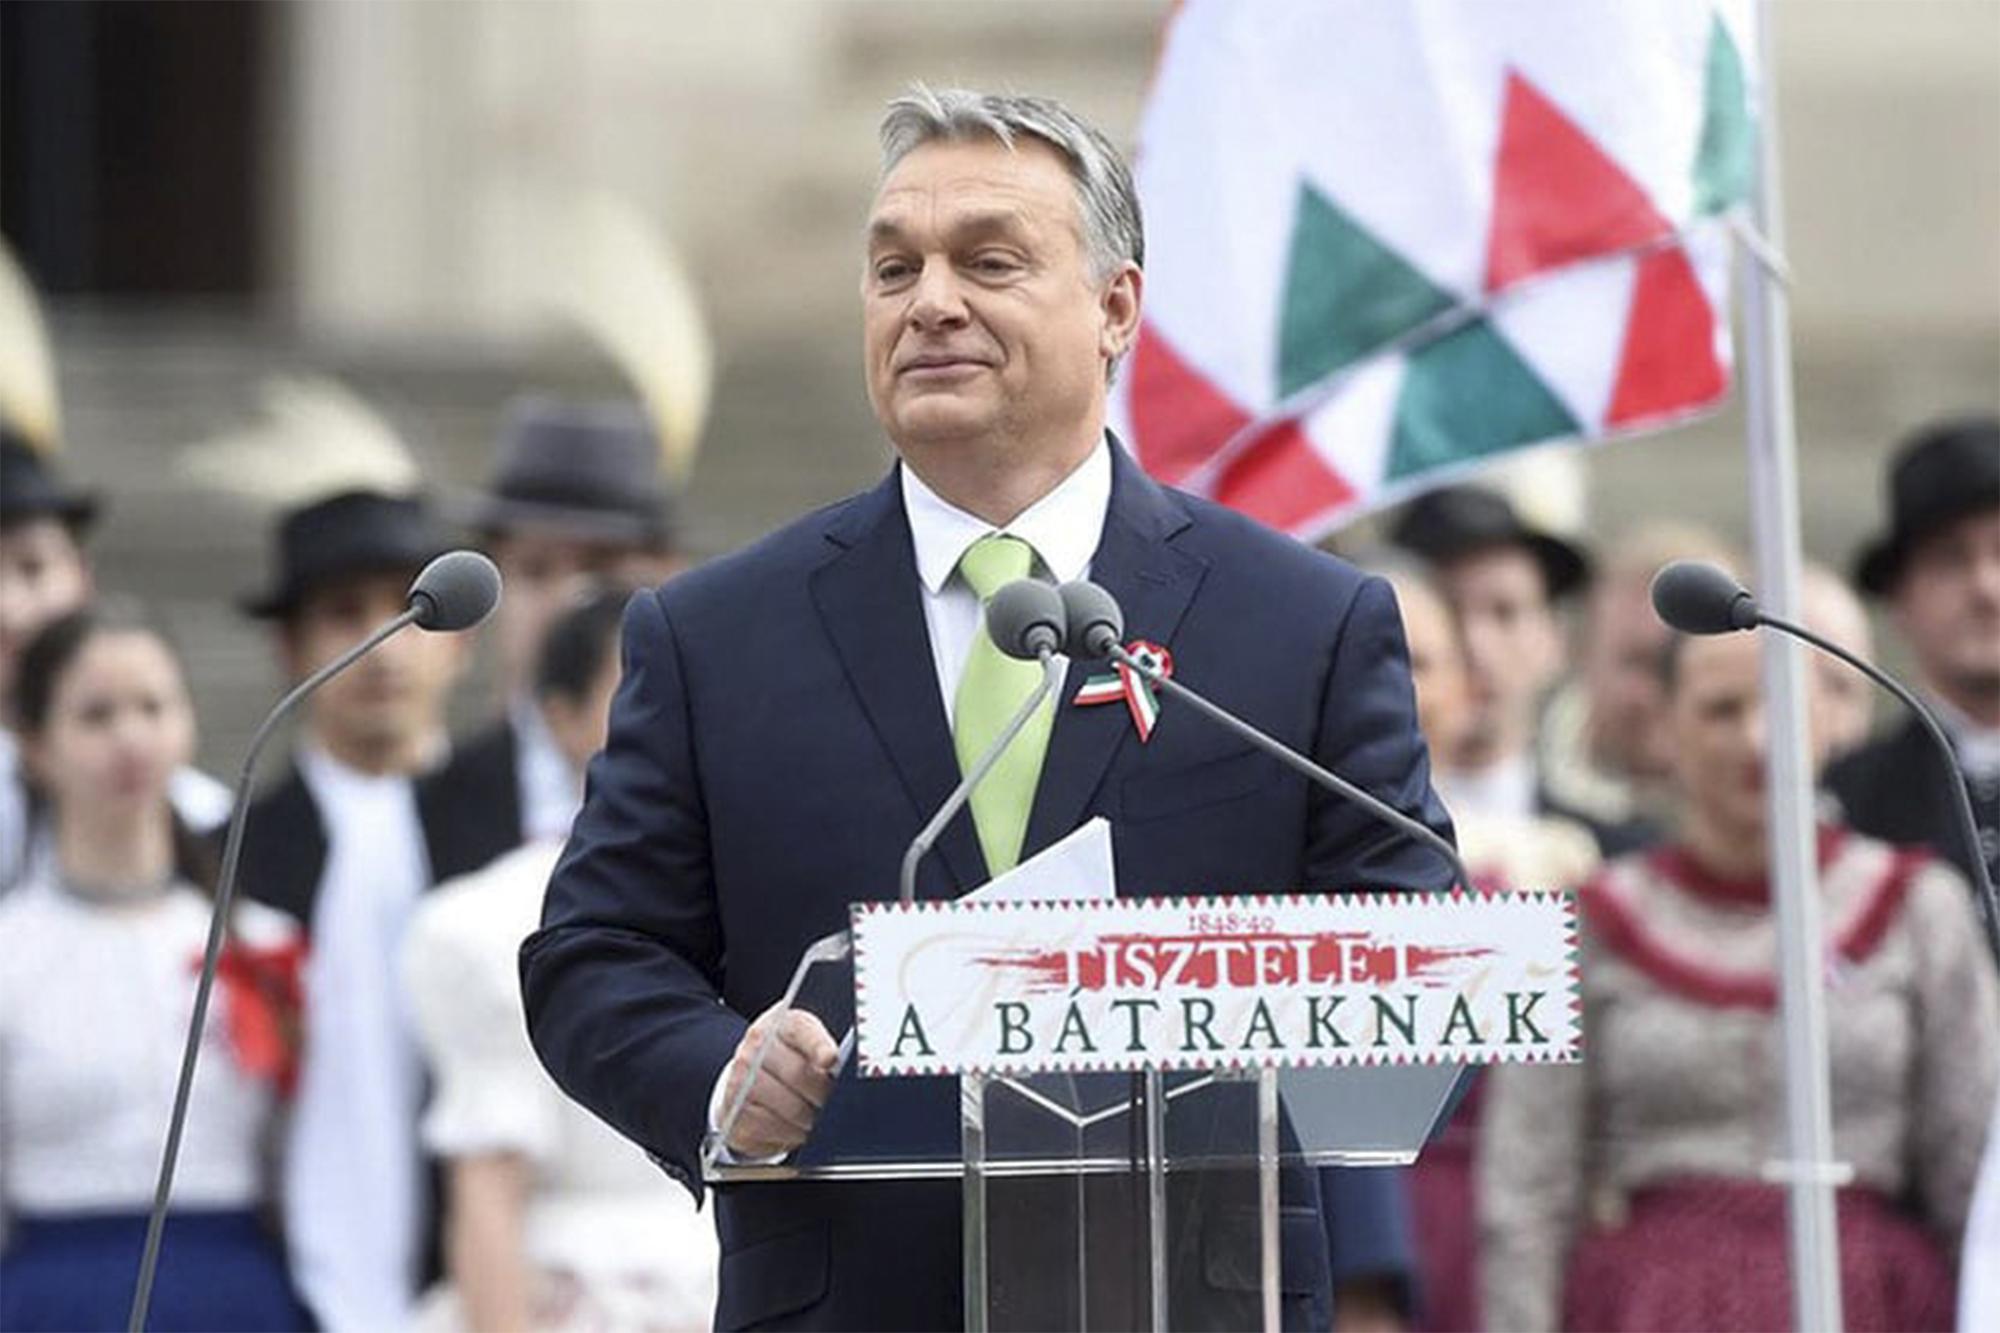 Viktor Orban, primeiro-ministro húngaro, discursa a 15 de Março. em Budapeste, durante as comemorações da Revolução de 1848. Fonte: https://fidesz-eu.hu